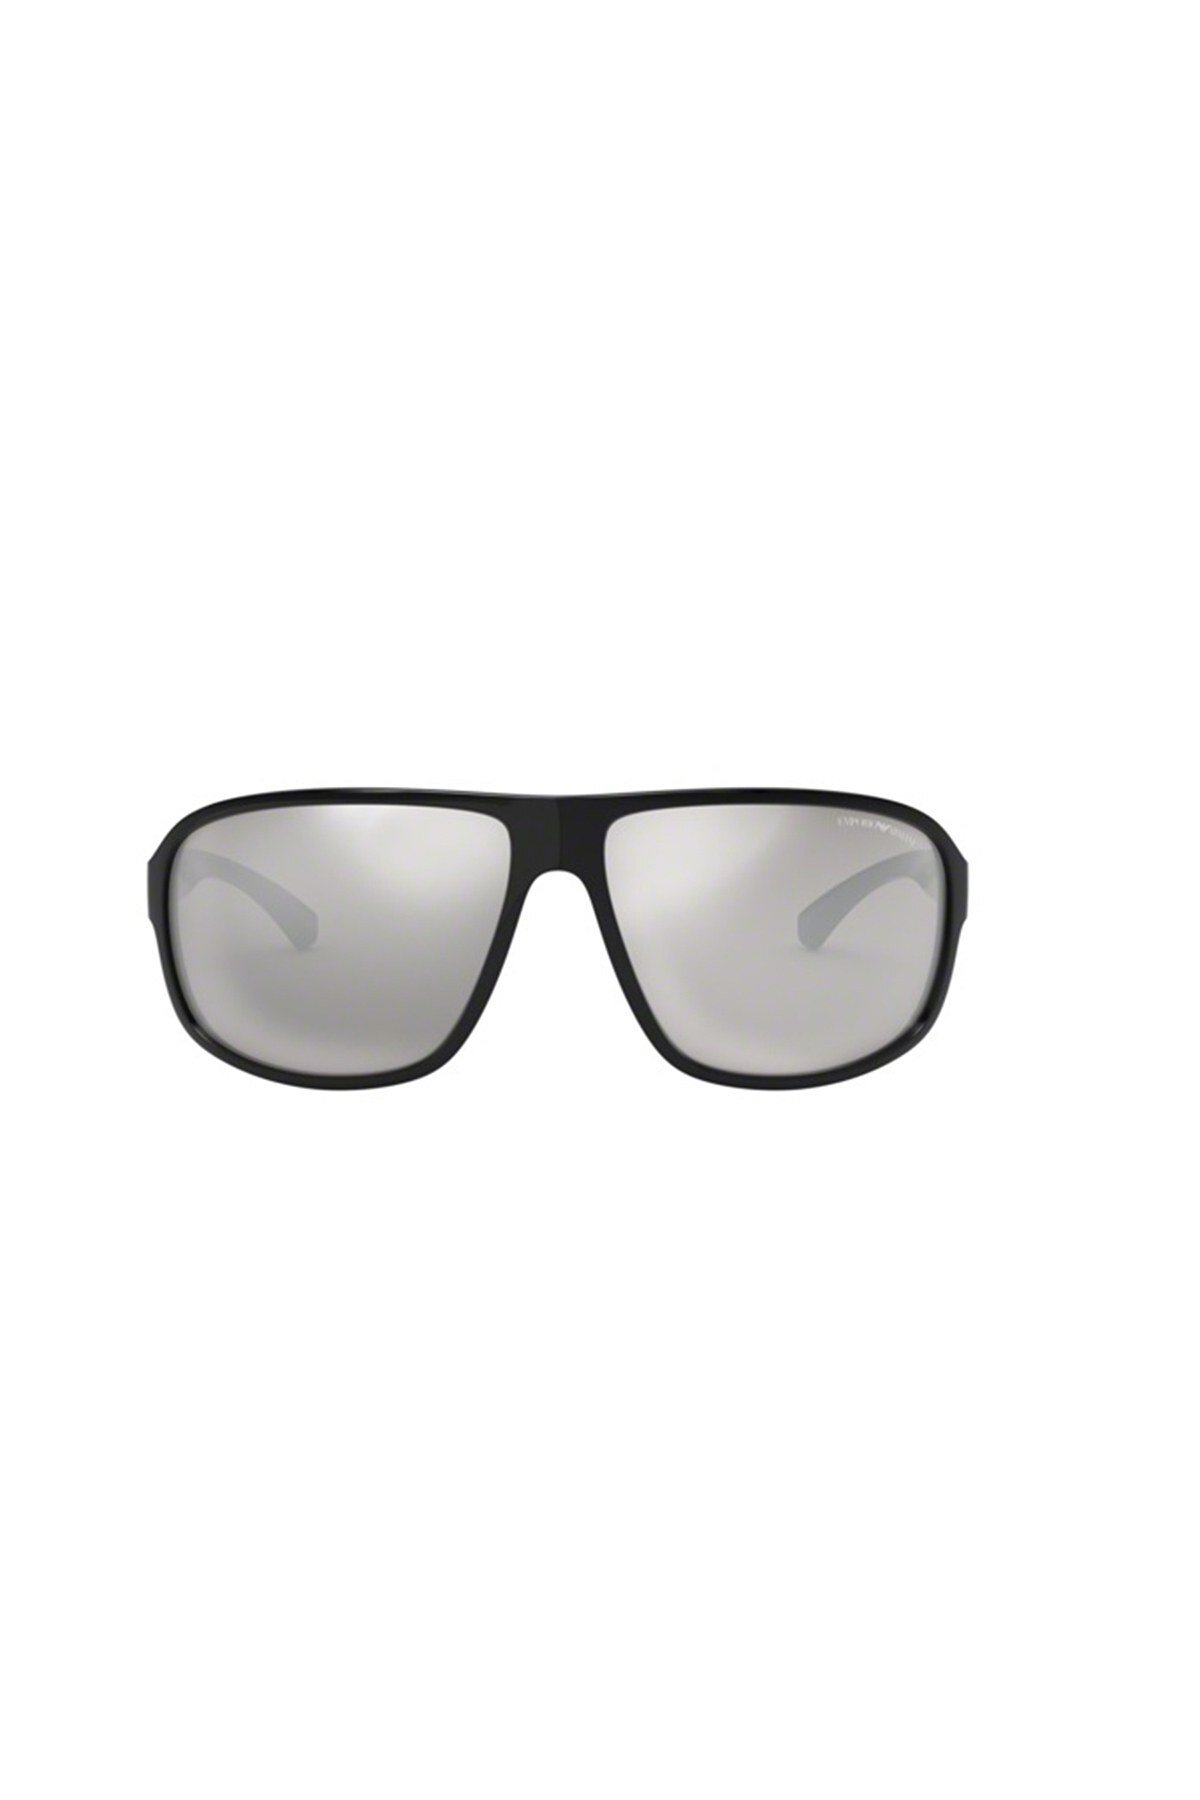 Emporio Armani Aynalı Erkek Gözlük 0EA4130 50176G 63 SİYAH